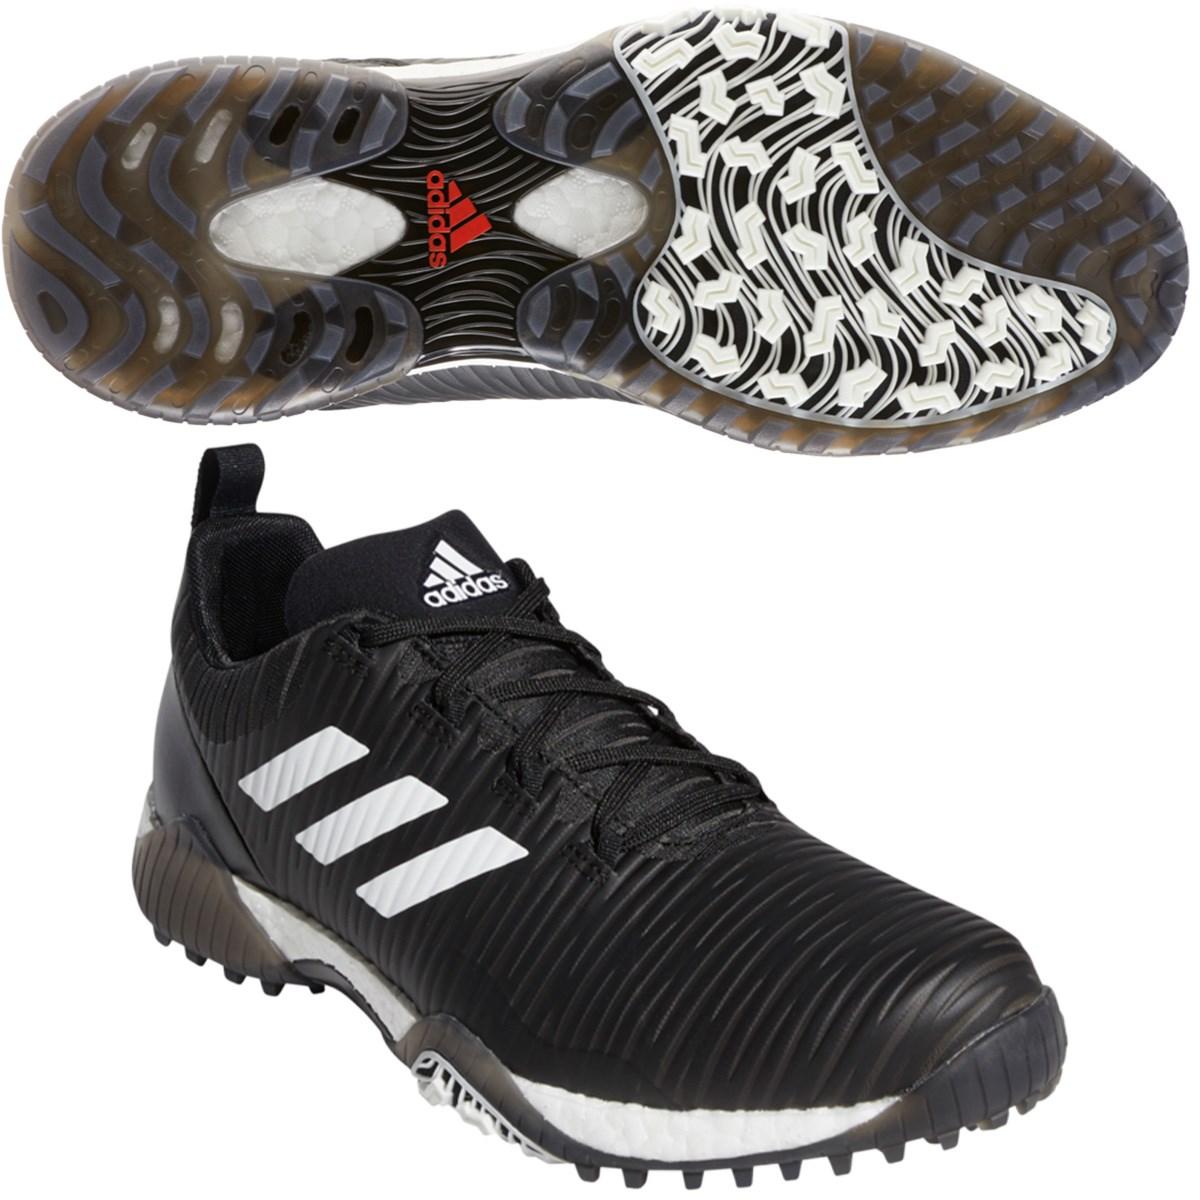 アディダス Adidas コードカオス シューズ 26cm コアブラック/ホワイト/ダークソーラーグリーン